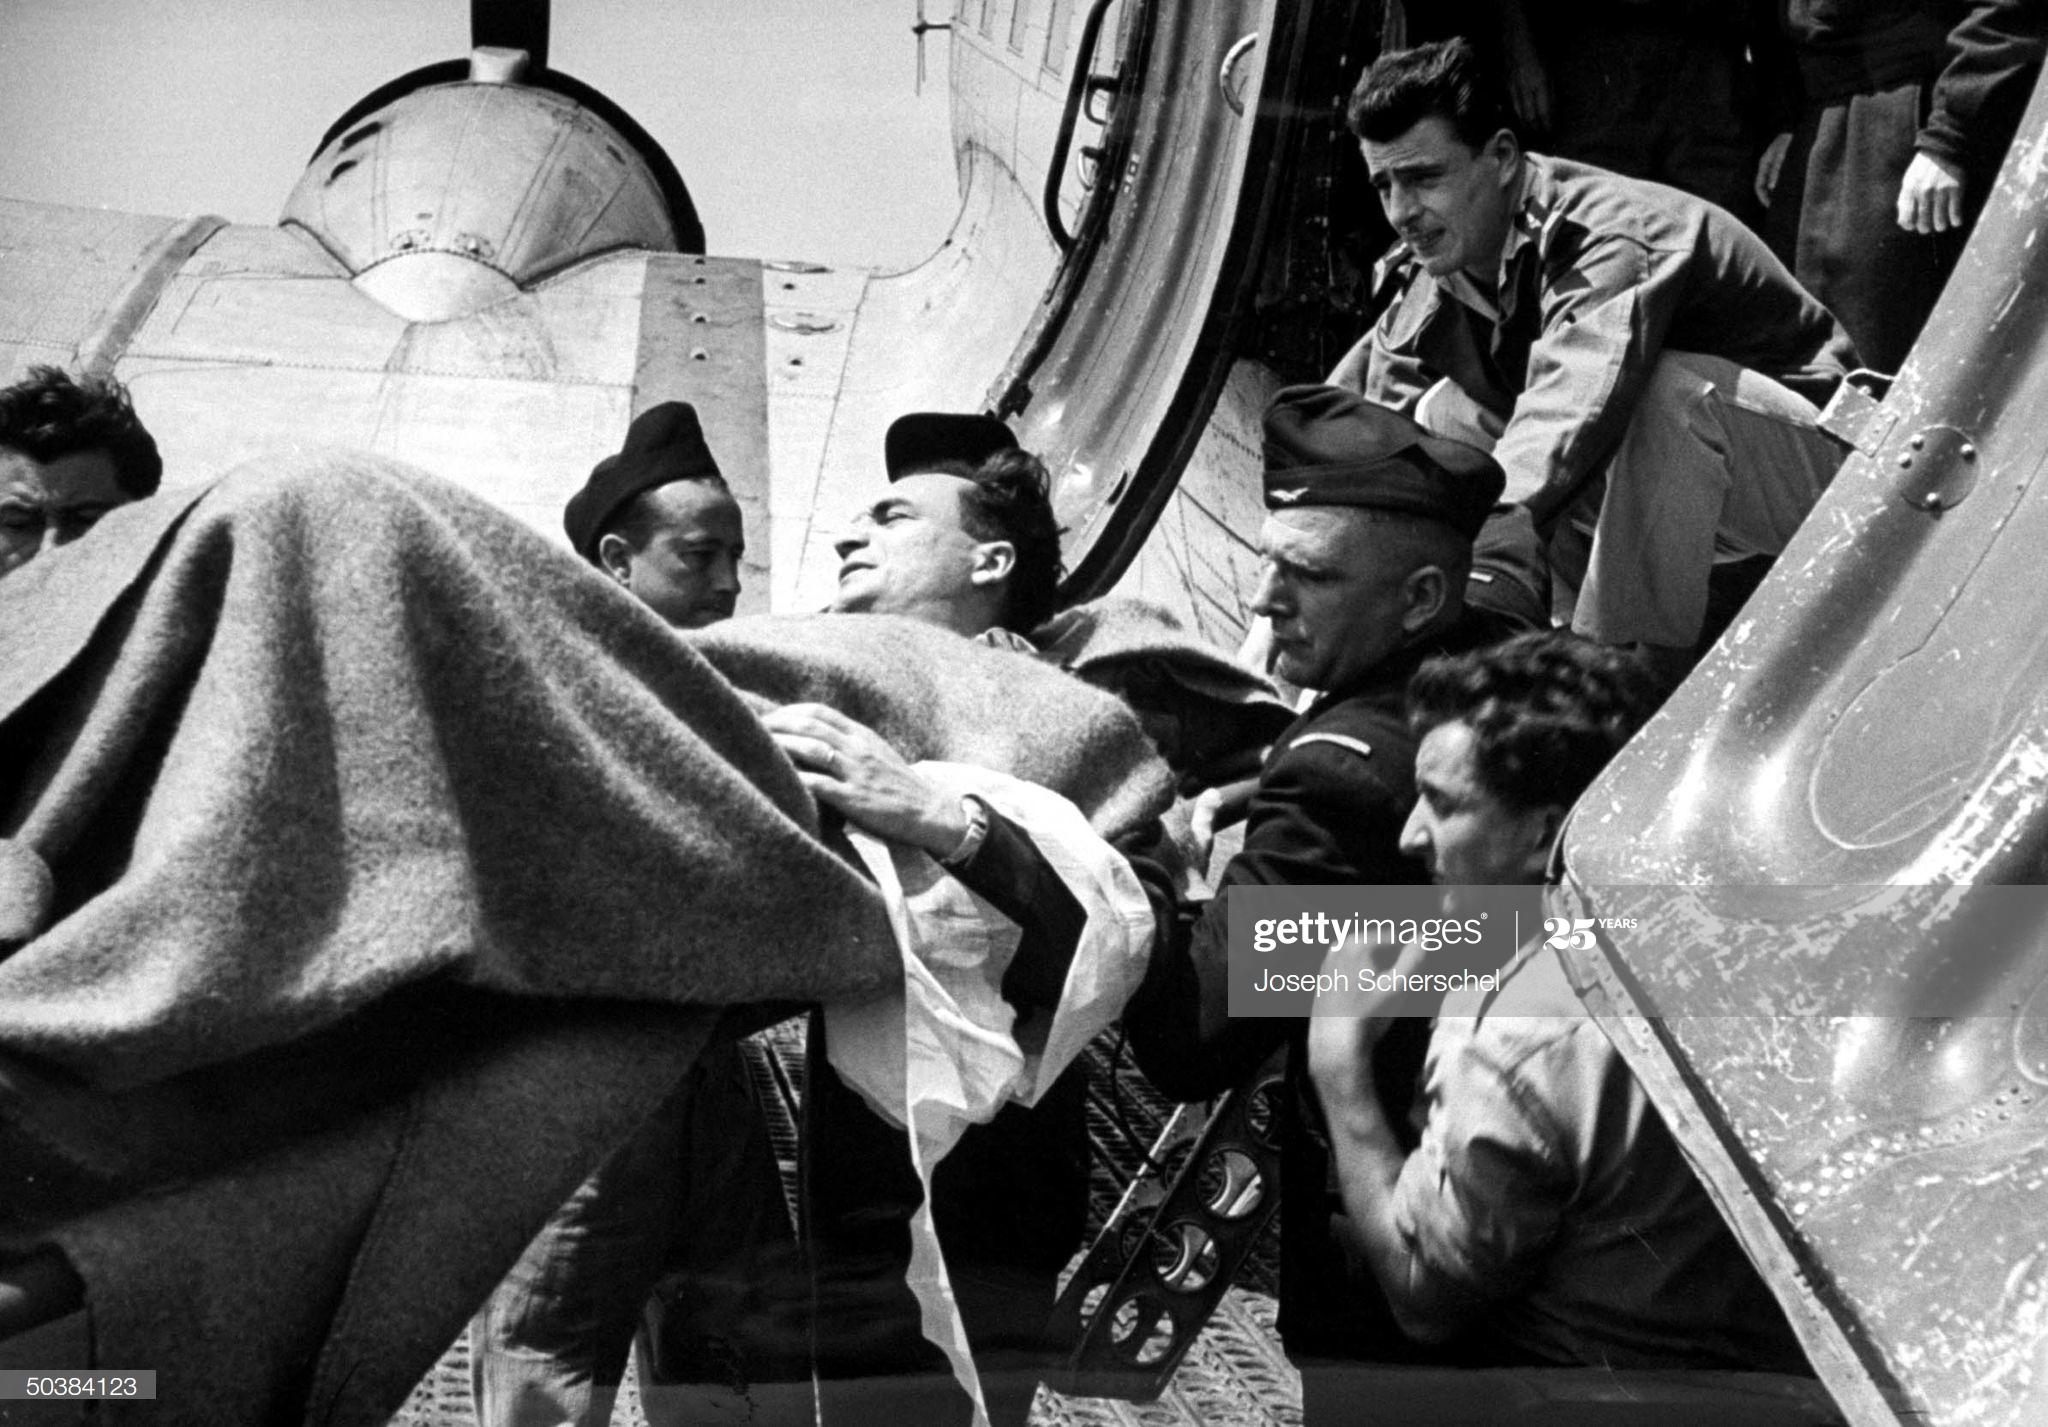 ДБФ Раненые в Ханое март 1954 Джозеф Шершель.jpg